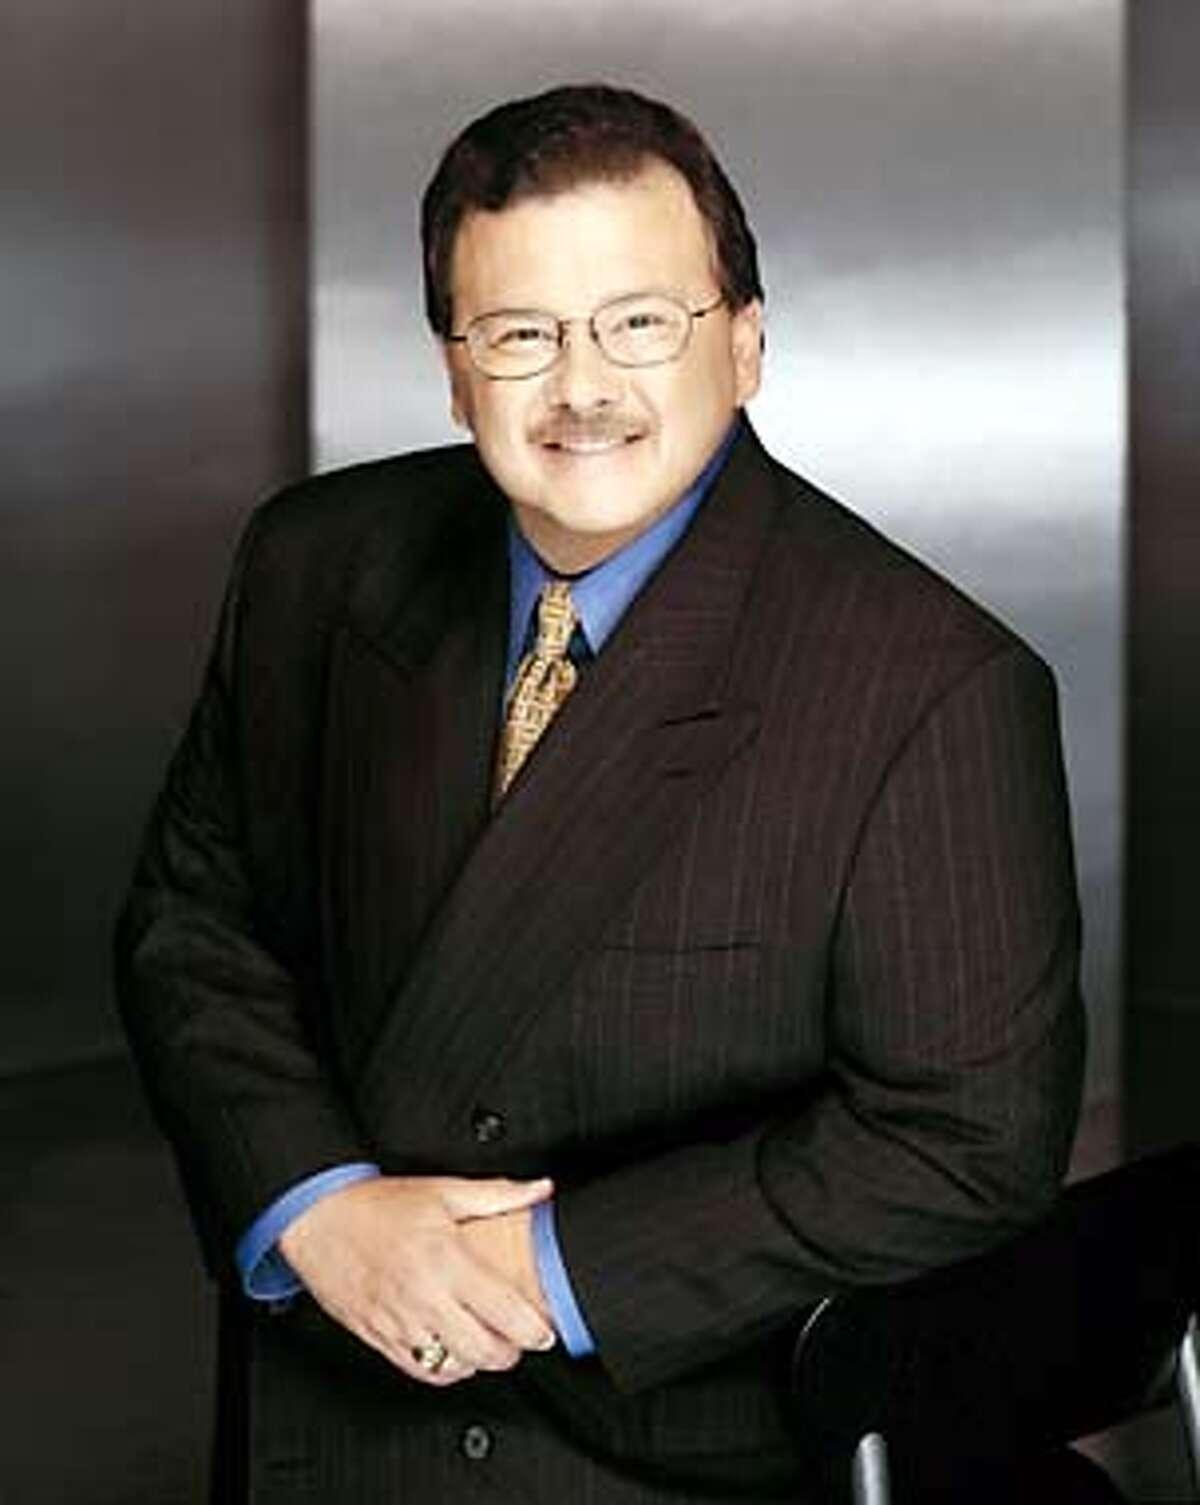 Handout photo of Rolando Santos, former KPIX news man who has become boss of Headline News.